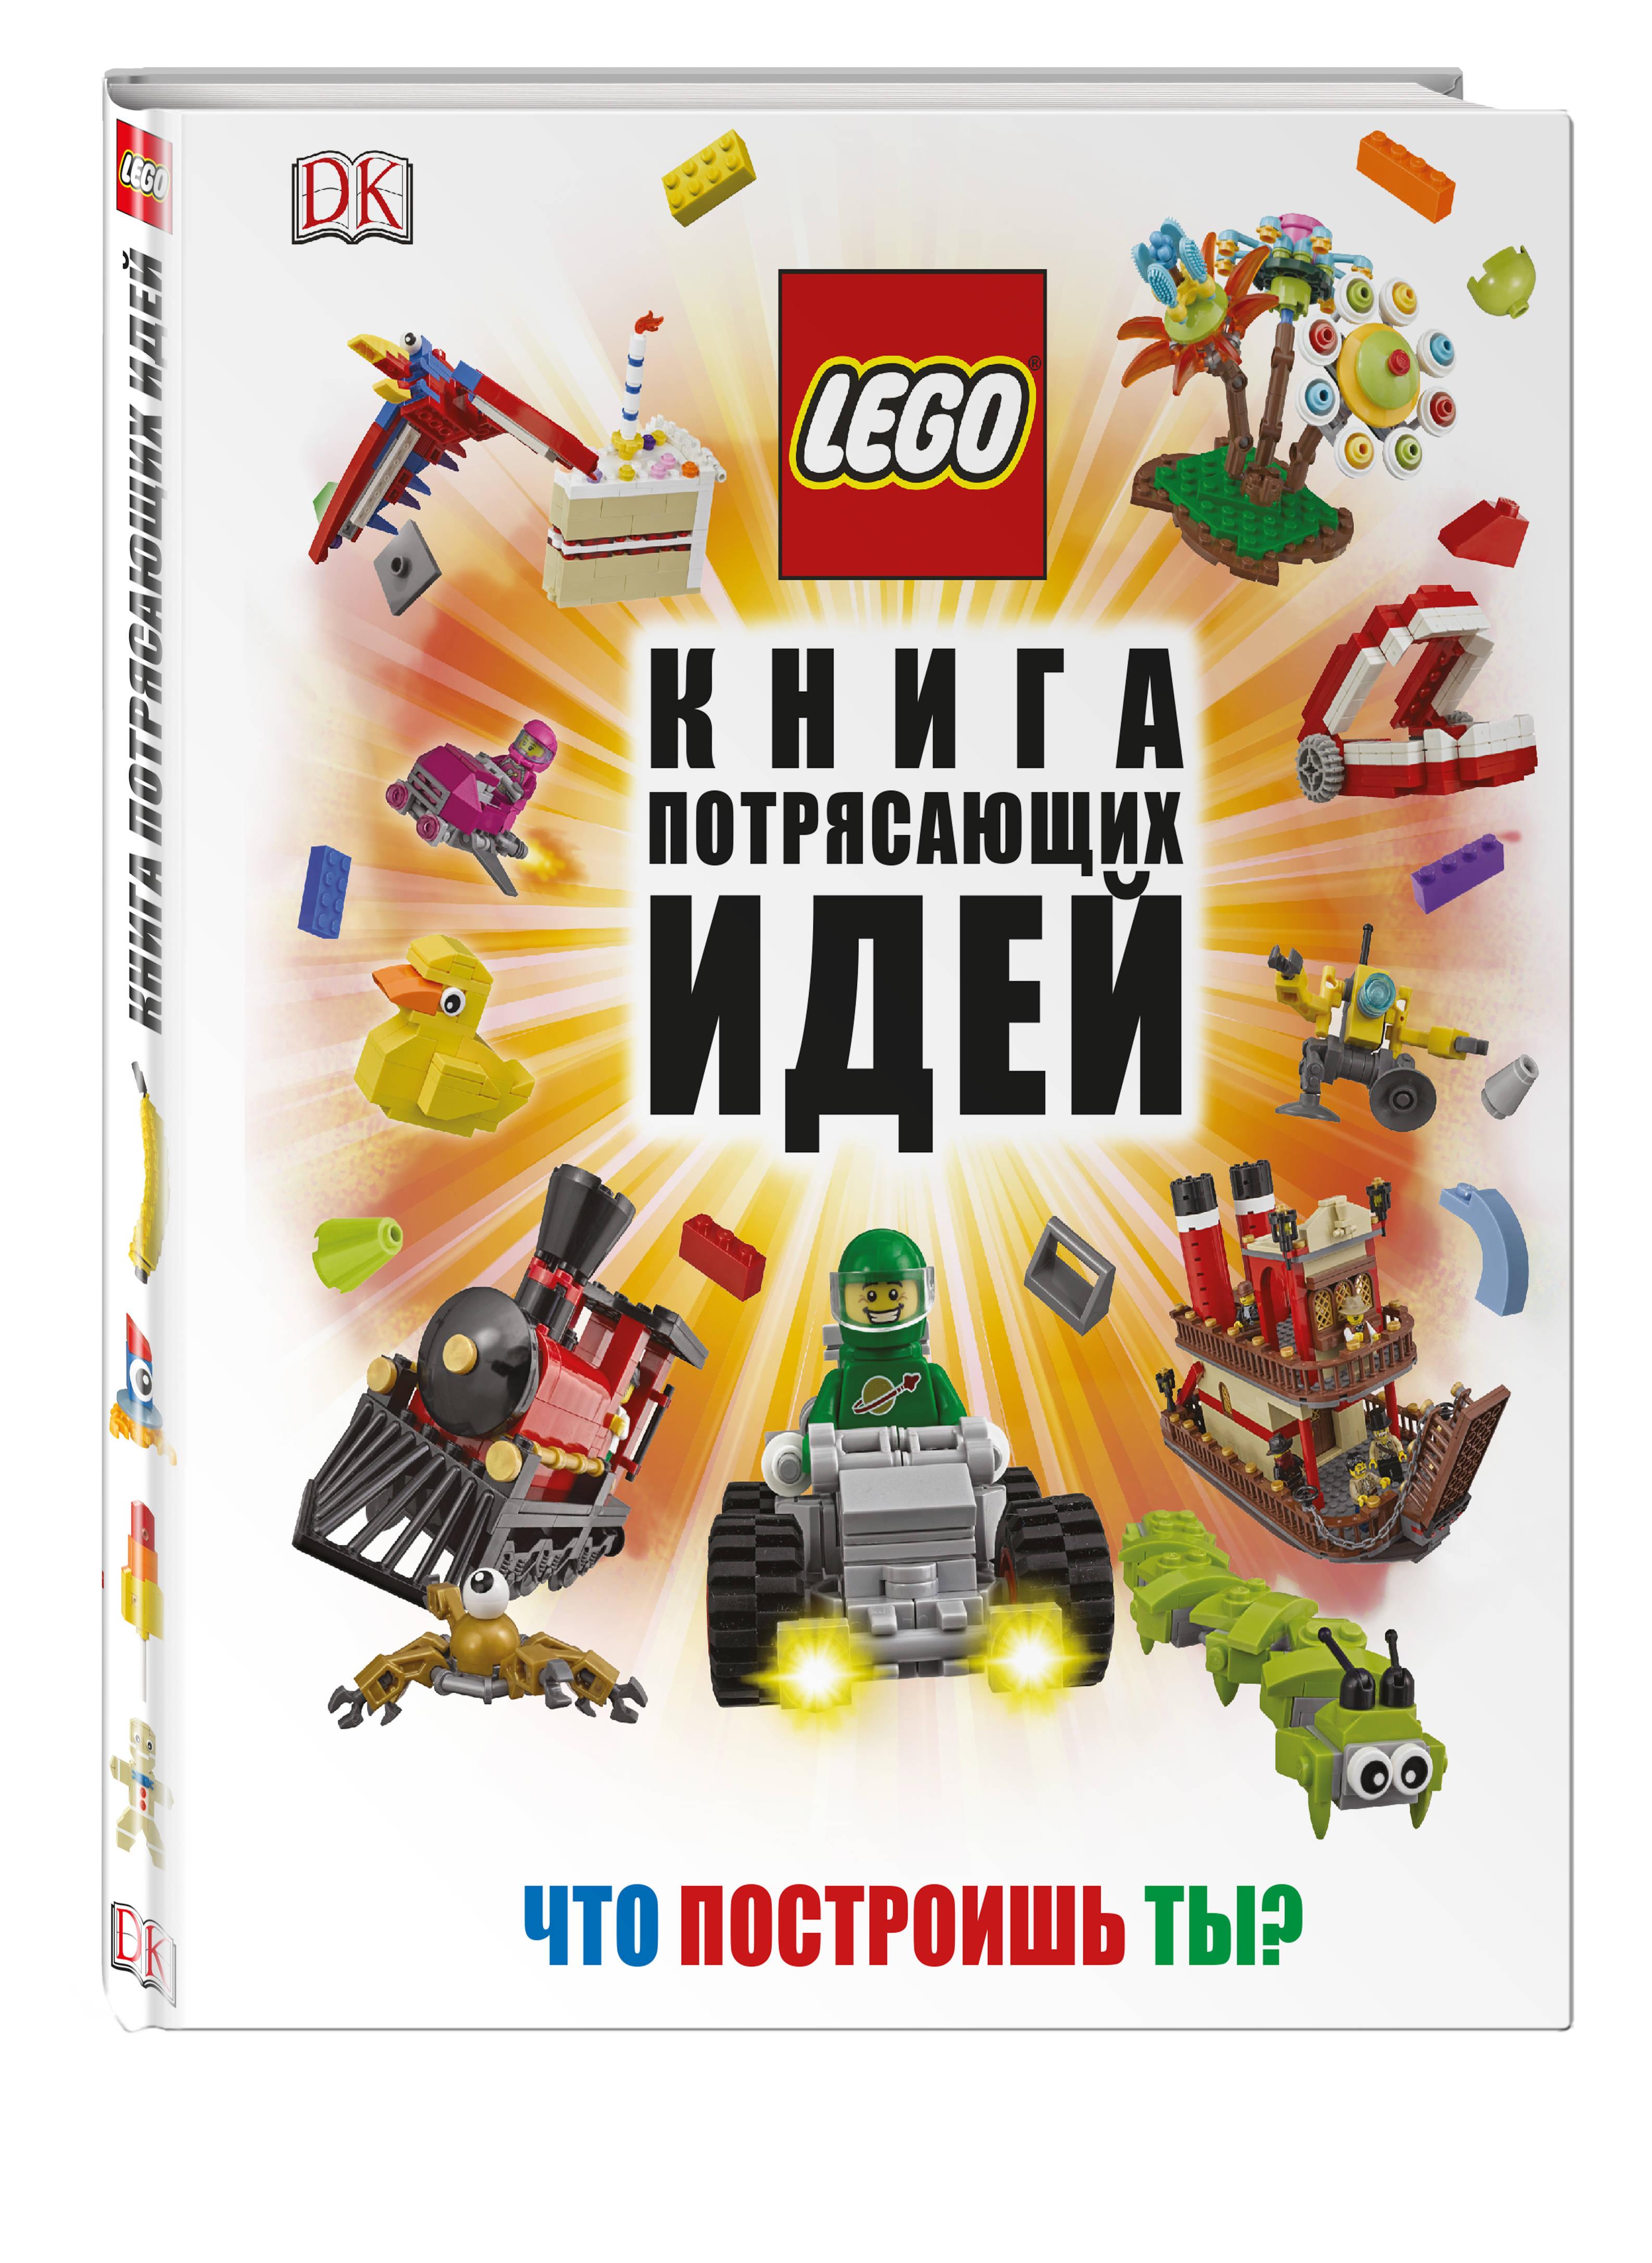 LEGO Книга потрясающих идей елена шипилова как сделать букеты из конфет в пошаговых фотографиях